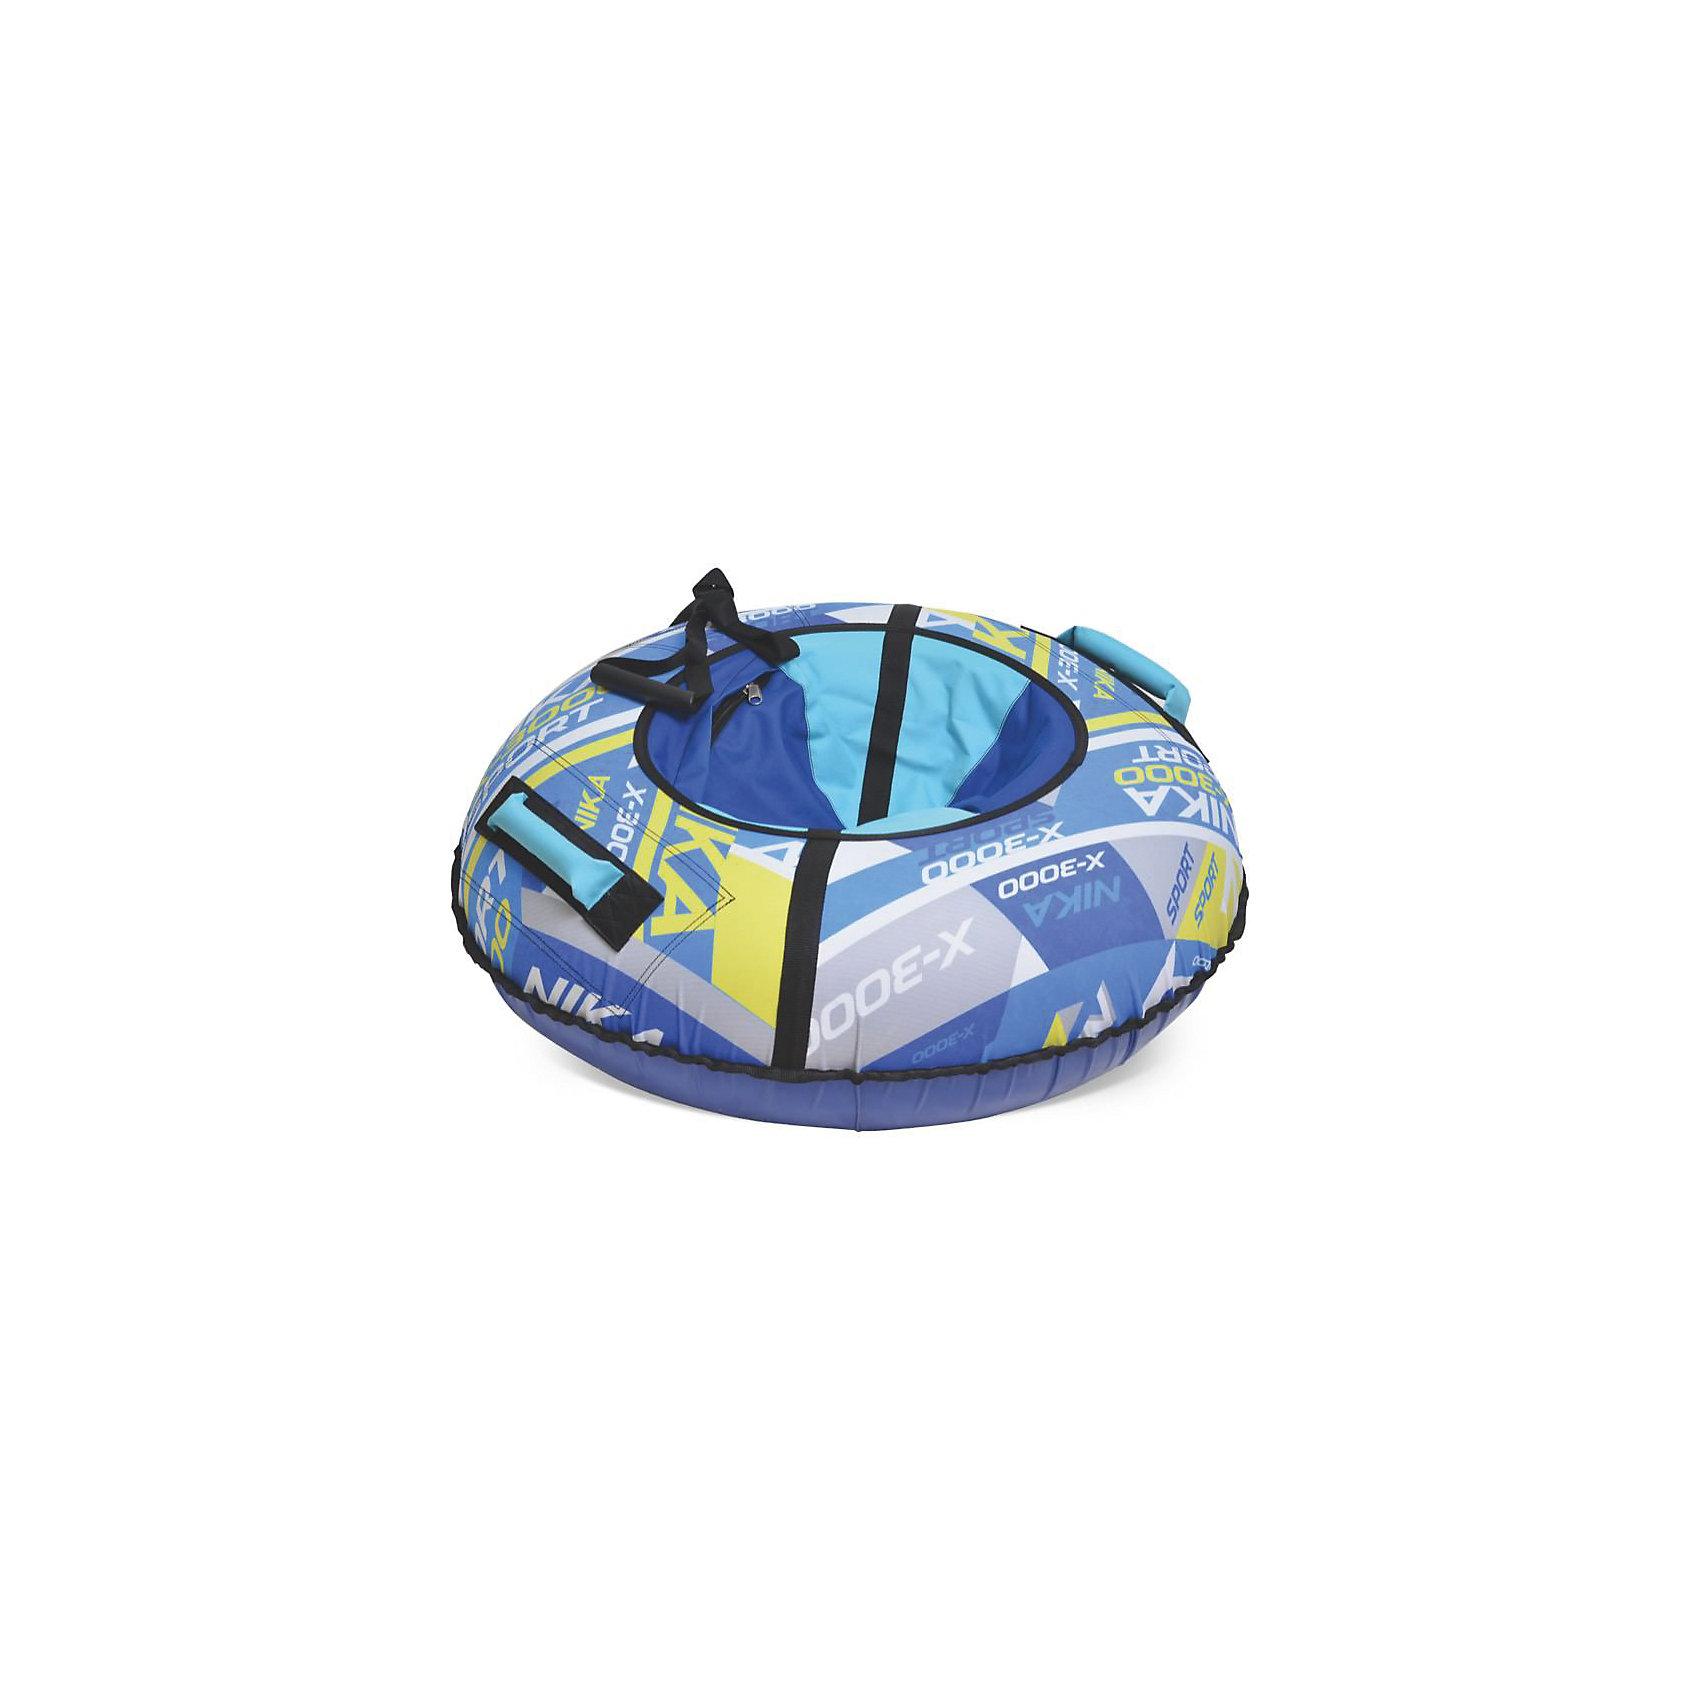 Тюбинг Nika Sport, синий, НикаТюбинг Nika Sport, синий, Ника - красочный тюбинг из принтованной ткани, который подарит вам незабываемые впечатления от зимней прогулки. Водонепроницаемая ткань из которой изготовлена верхняя часть изделия, создаст дополнительное сопротивление и не позволит выскользнуть из тюбинга. А благодаря высококачественной тентовой ПВХ ткани с глянцевой поверхностью, из которой исполнено дно этой модели достигается идеальное скольжение. Усиленная камера входит в комплекте<br> <br>• Верх ПВХ 500Д гр/кв.м с красочным рисунком<br> • Усиленное дно автотент 850 гр/кв.м<br> • Диаметр тюбинга в надутом состоянии 950мм<br> • Диаметр тюбинга в сдутом состоянии 1050мм<br> • Устойчивый к морозам материал (до -25-28 С)<br> • Все швы усилены капроновой лентой<br> • Буксировочный ремень<br> • Эргономичные усиленные ручки<br> • Защитный внутренний клапан с потайной молнией<br> • Усиленная камера в комплекте<br> • Максимальная нагрузка 100 кг<br> • Рекомендуемый возраст от 12 лет<br> • В упаковке-1шт. <br><br>Тюбинг Nika Sport, синий, Ника можно купить в нашем интернет-магазине.<br><br>Ширина мм: 300<br>Глубина мм: 300<br>Высота мм: 30<br>Вес г: 2000<br>Возраст от месяцев: 36<br>Возраст до месяцев: 144<br>Пол: Унисекс<br>Возраст: Детский<br>SKU: 5248185